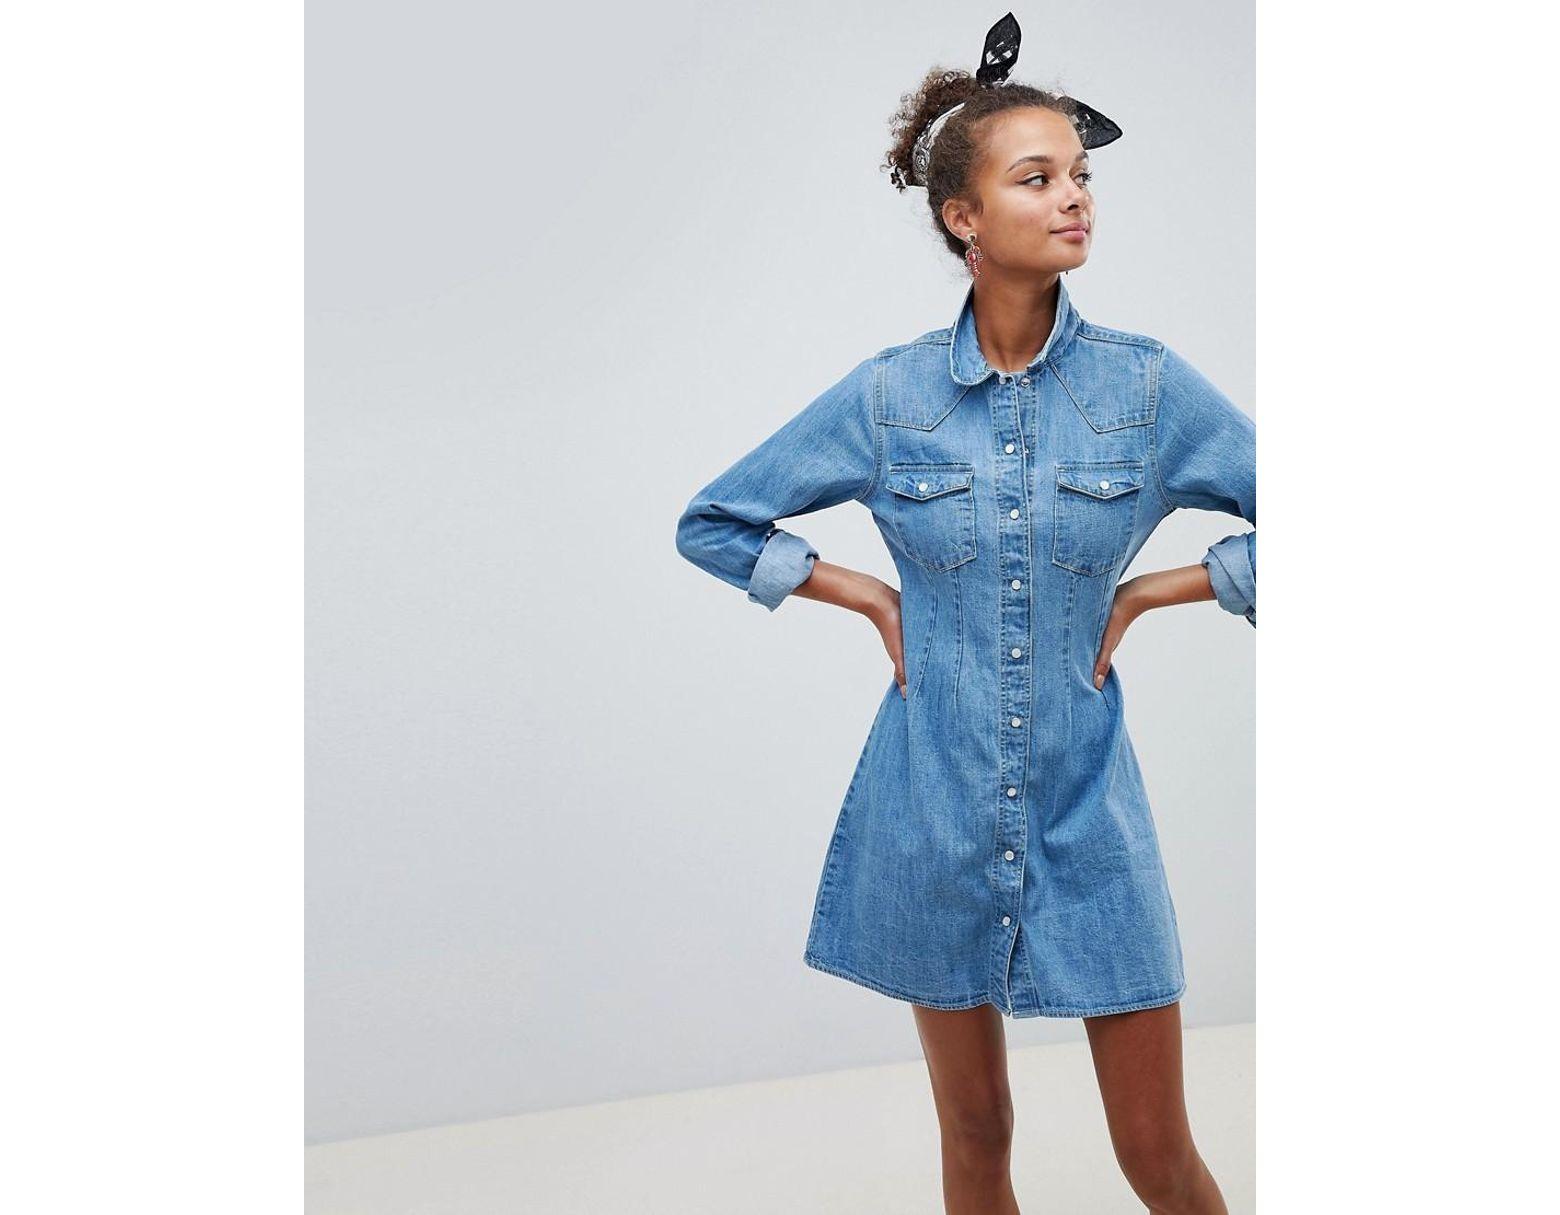 e5b35c5c00a68 Robe chemise en jean ajustée style western avec surpiqûres - Bleu délavage  moyen ASOS en coloris Bleu - Lyst